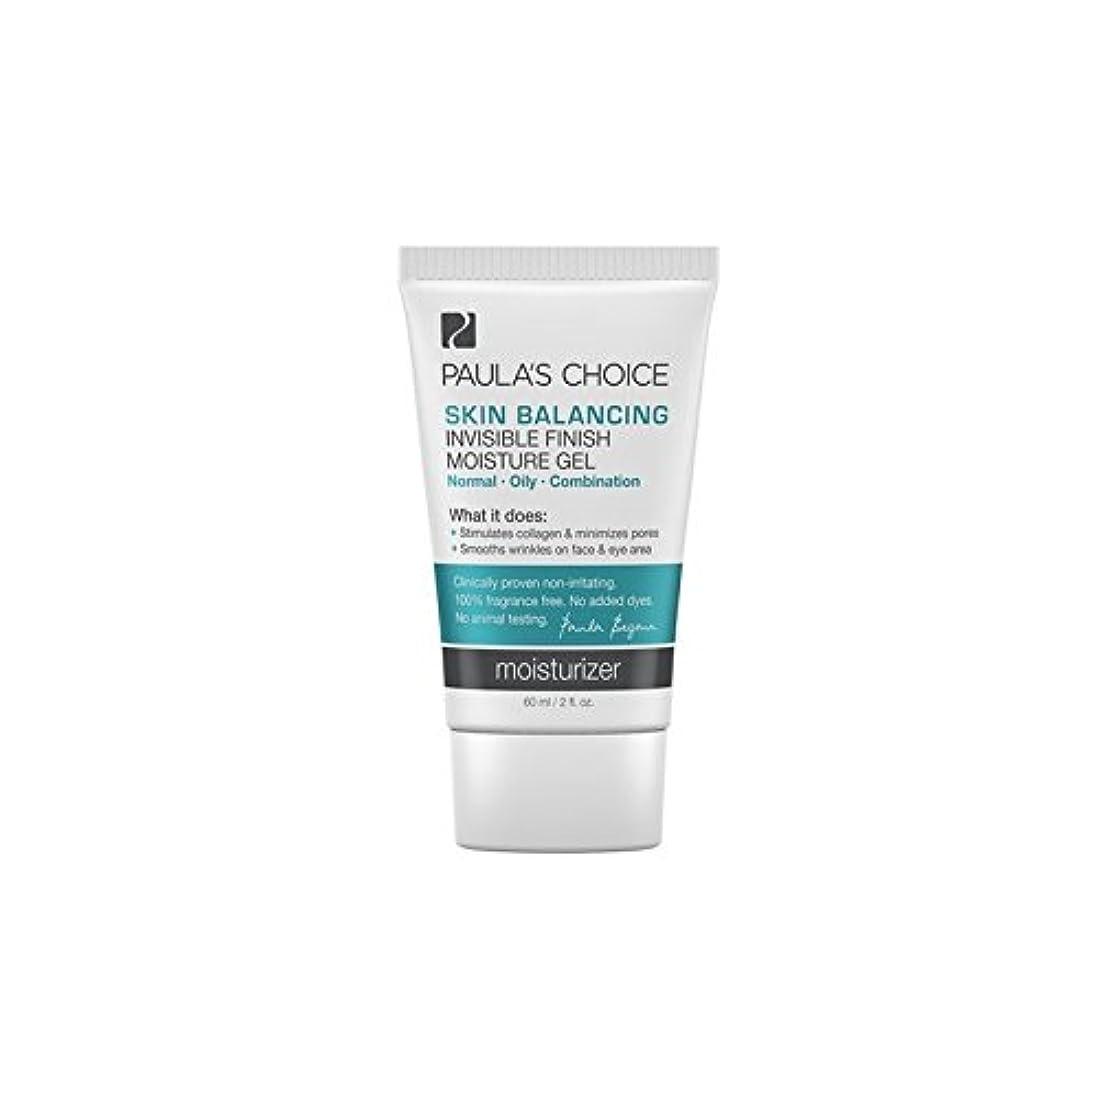 がっかりしたフリル具体的にPaula's Choice Skin Balancing Invisible Finish Moisture Gel (60ml) - ポーラチョイスの肌のバランス目に見えない仕上がり水分ゲル(60ミリリットル) [並行輸入品]